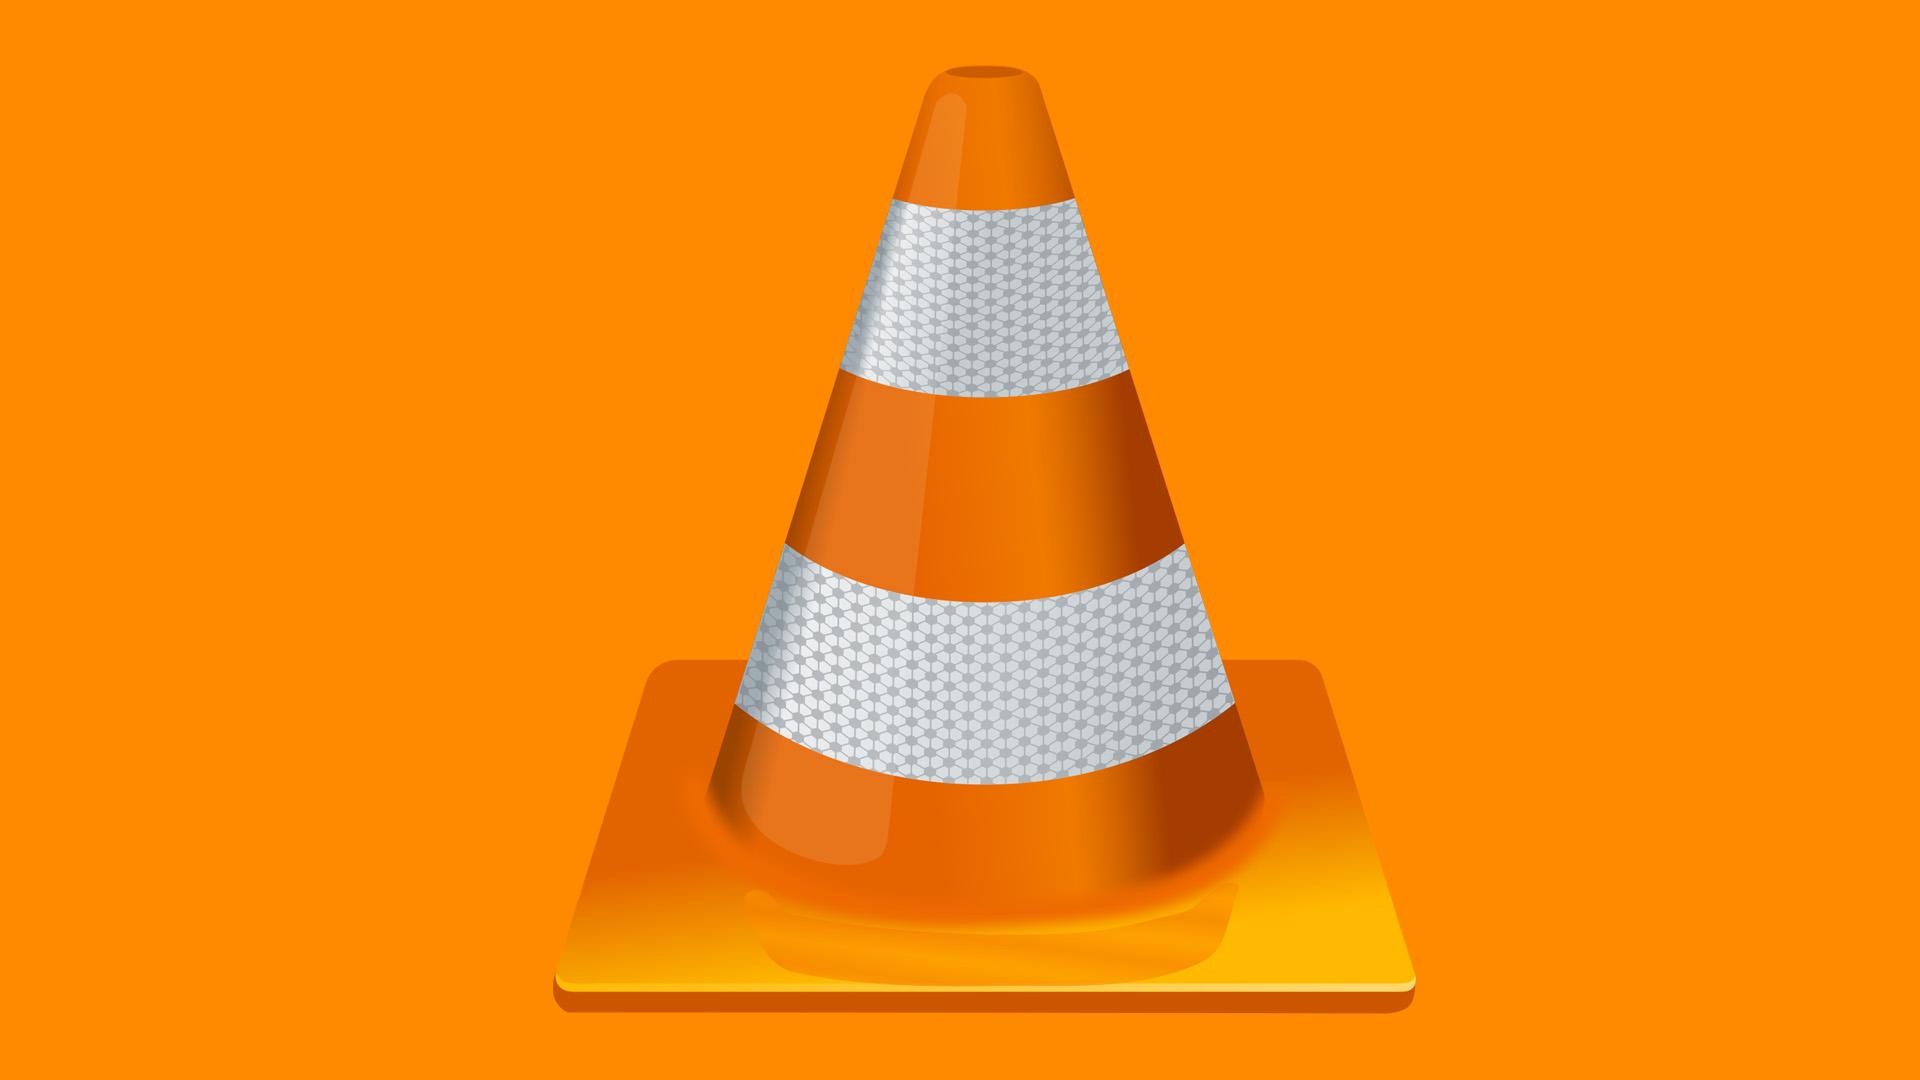 Bing предупреждает о небезопасности официального сайта VLC